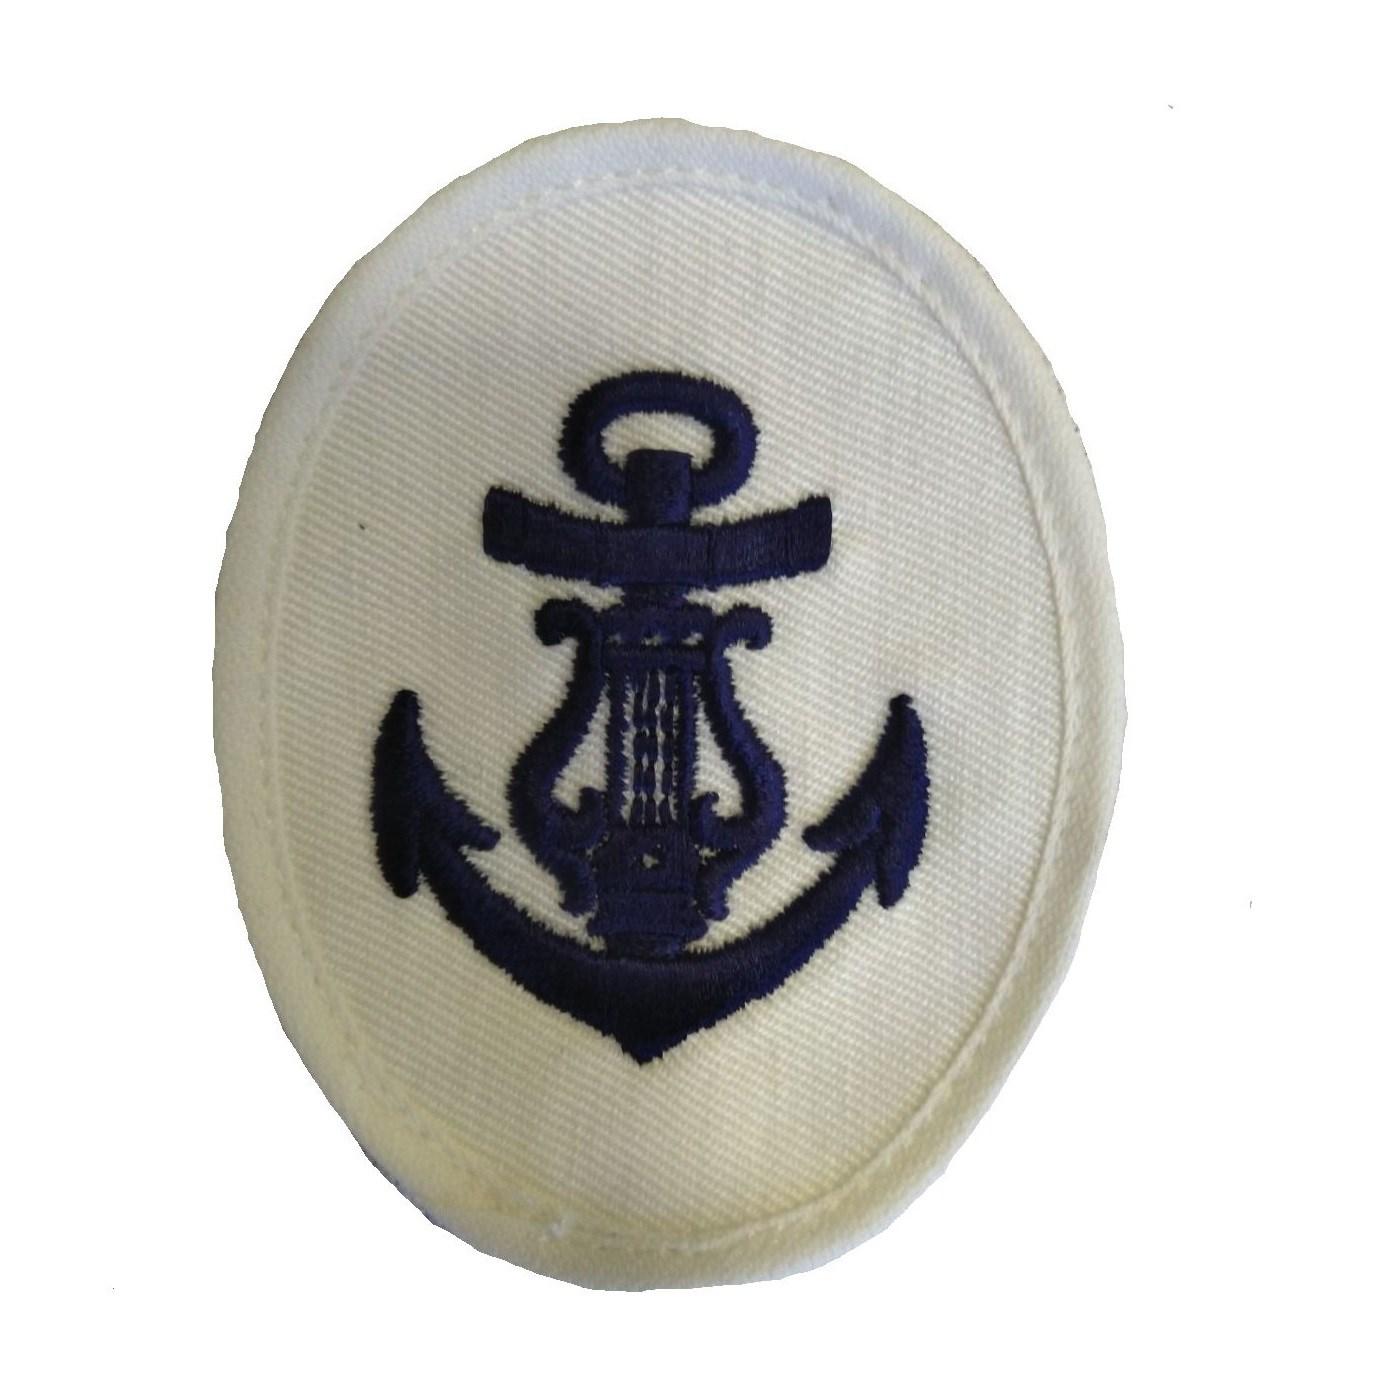 Nášivka námořních jednotek NVA ovál s kotvou a harfou